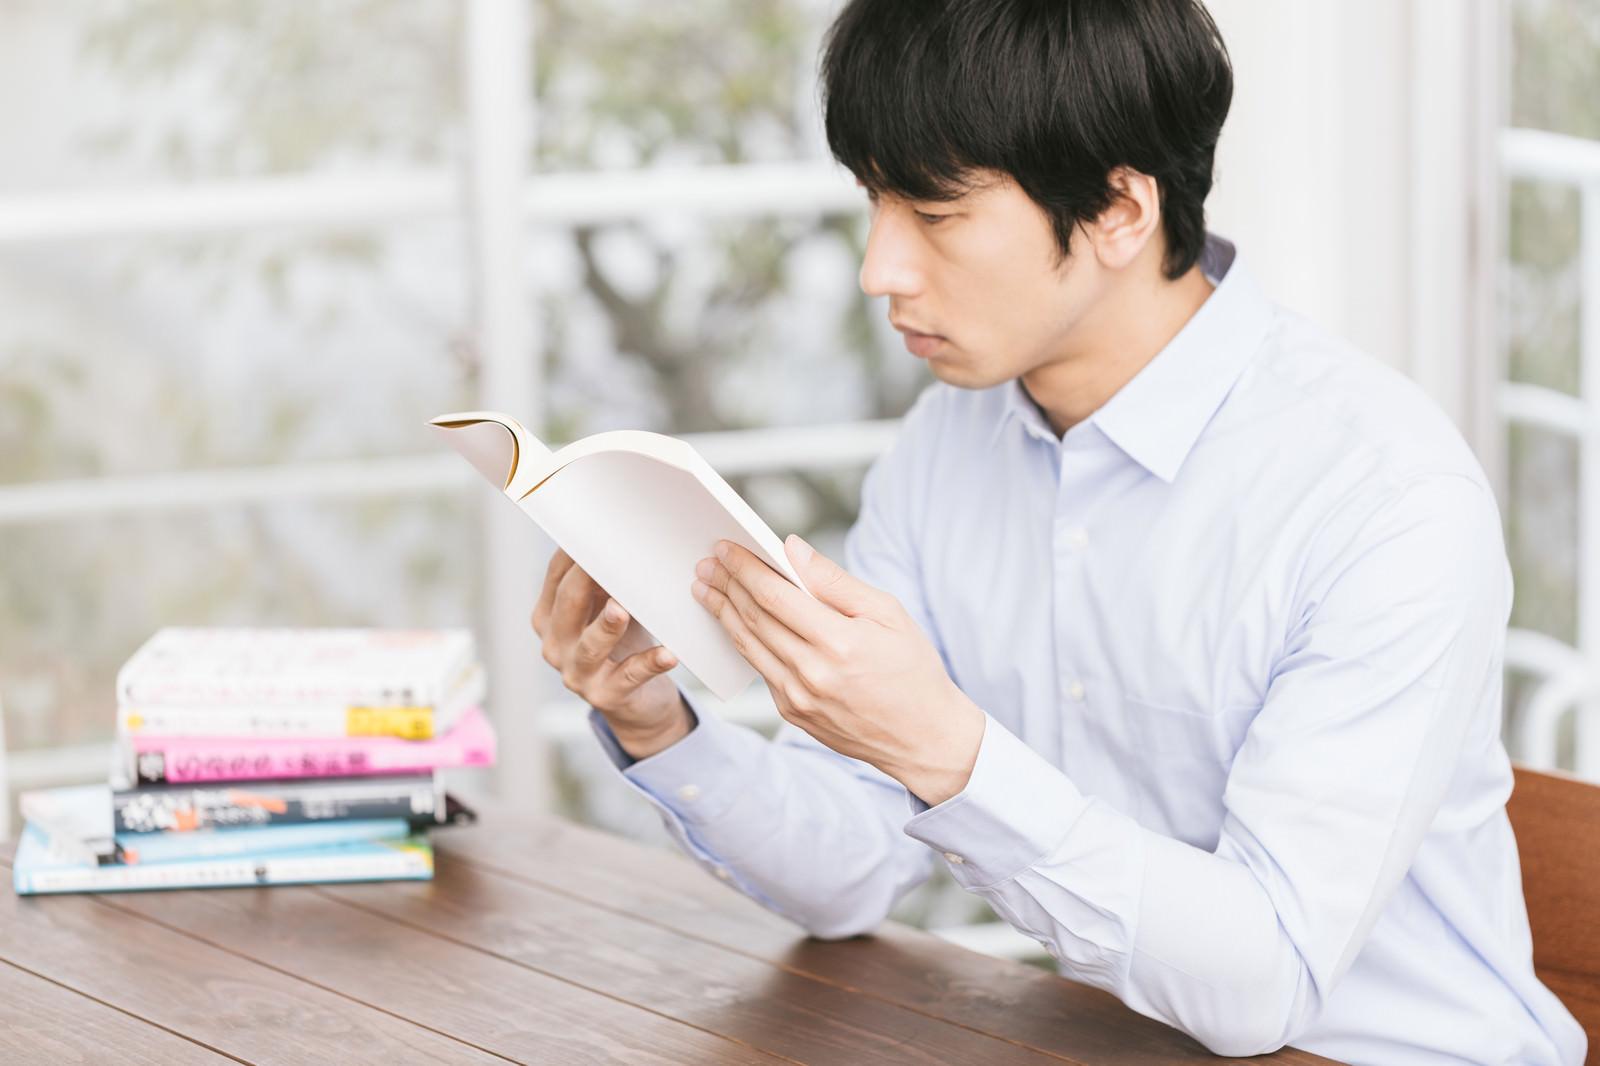 「積ん読を処理する非読書家積ん読を処理する非読書家」[モデル:大川竜弥]のフリー写真素材を拡大